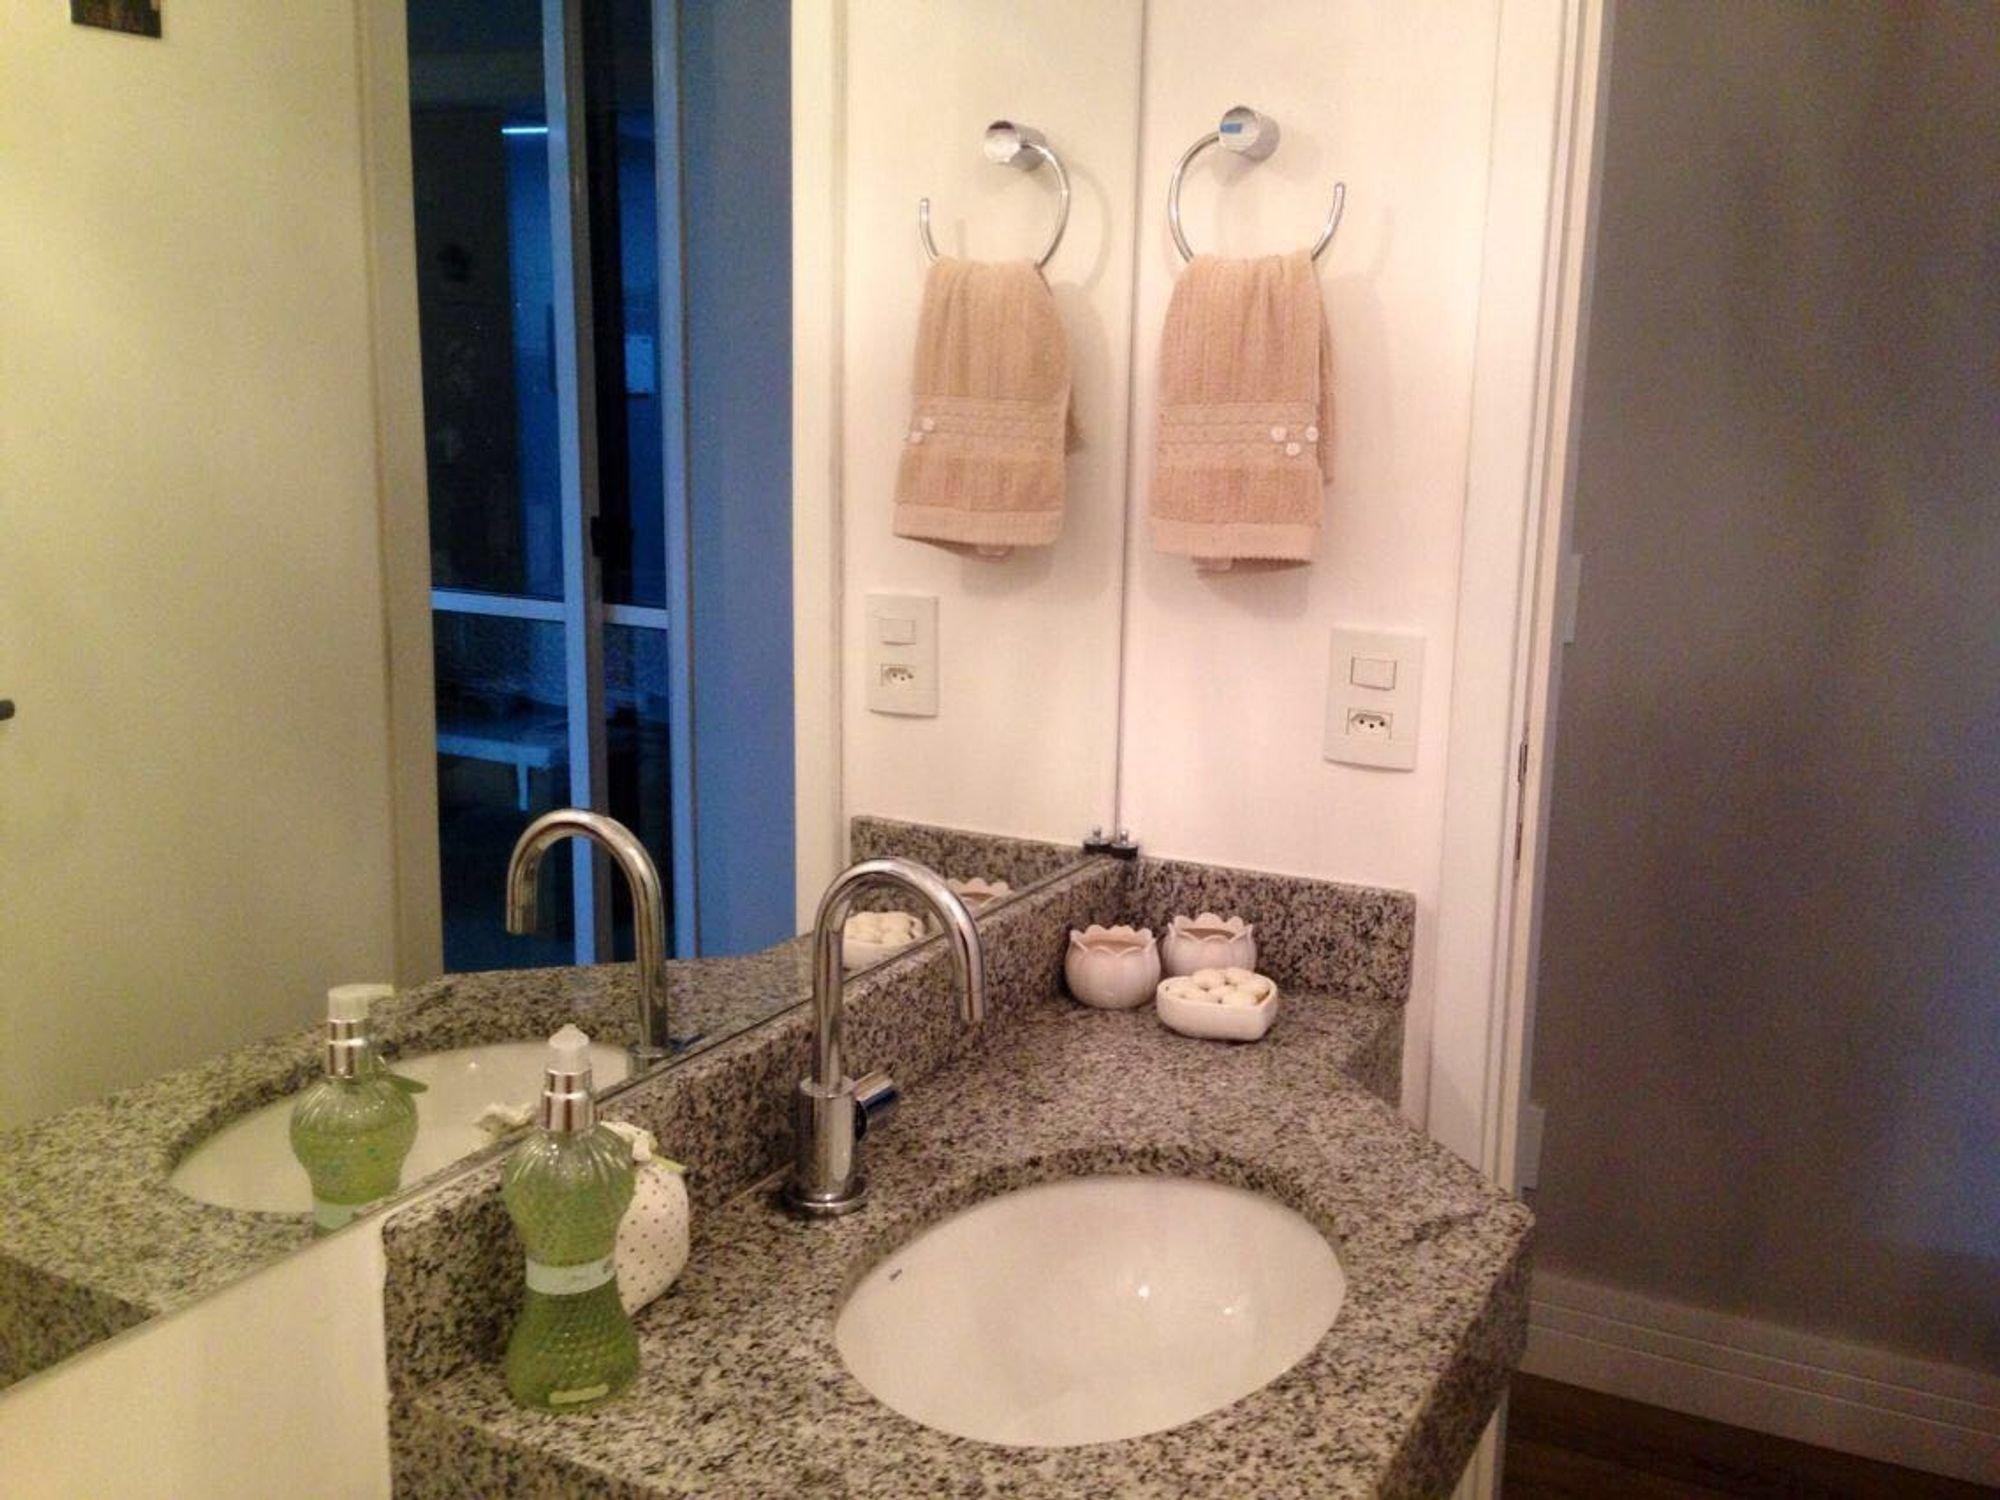 Foto de Banheiro com vaso sanitário, tigela, pia, xícara